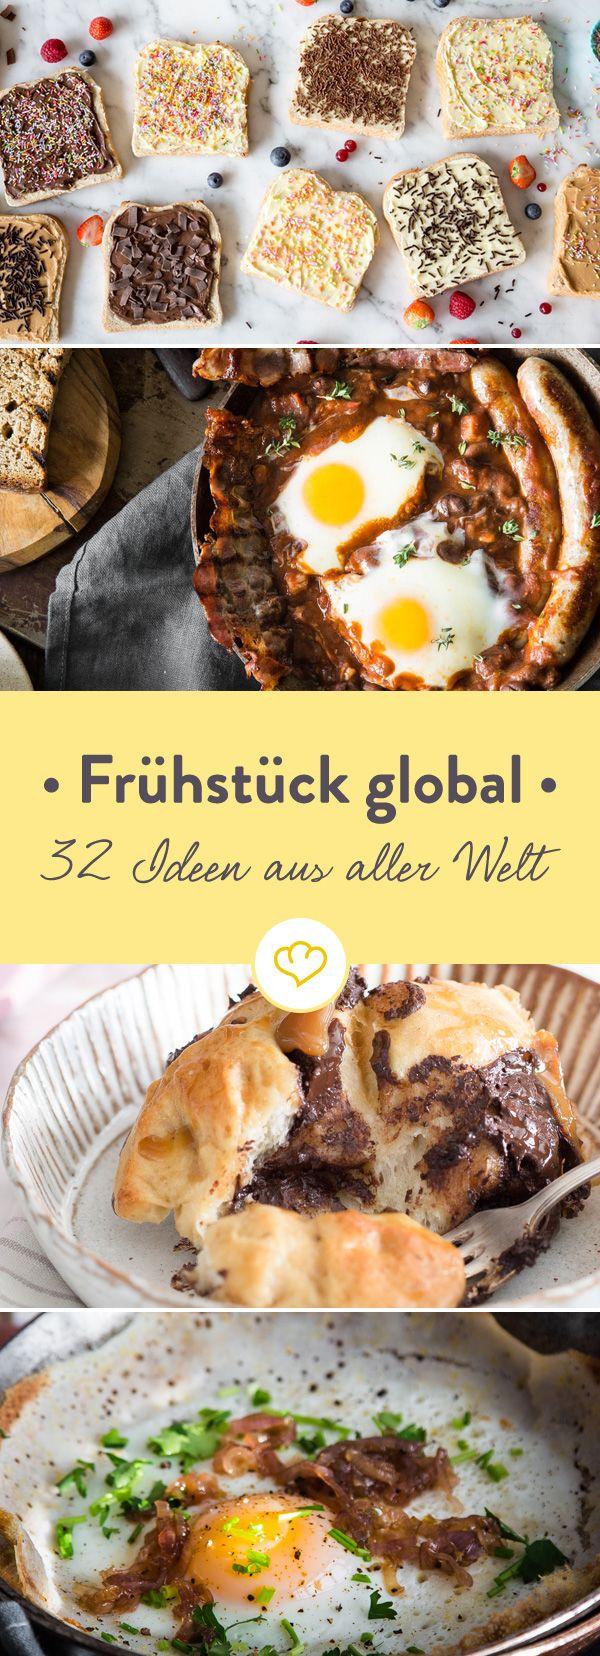 Dein Wecker ist aus, aber dein Magen knurrt schon vor sich hin? Dann mal raus aus dem Bett und entdecke 32 Frühstücksideen aus aller Welt.